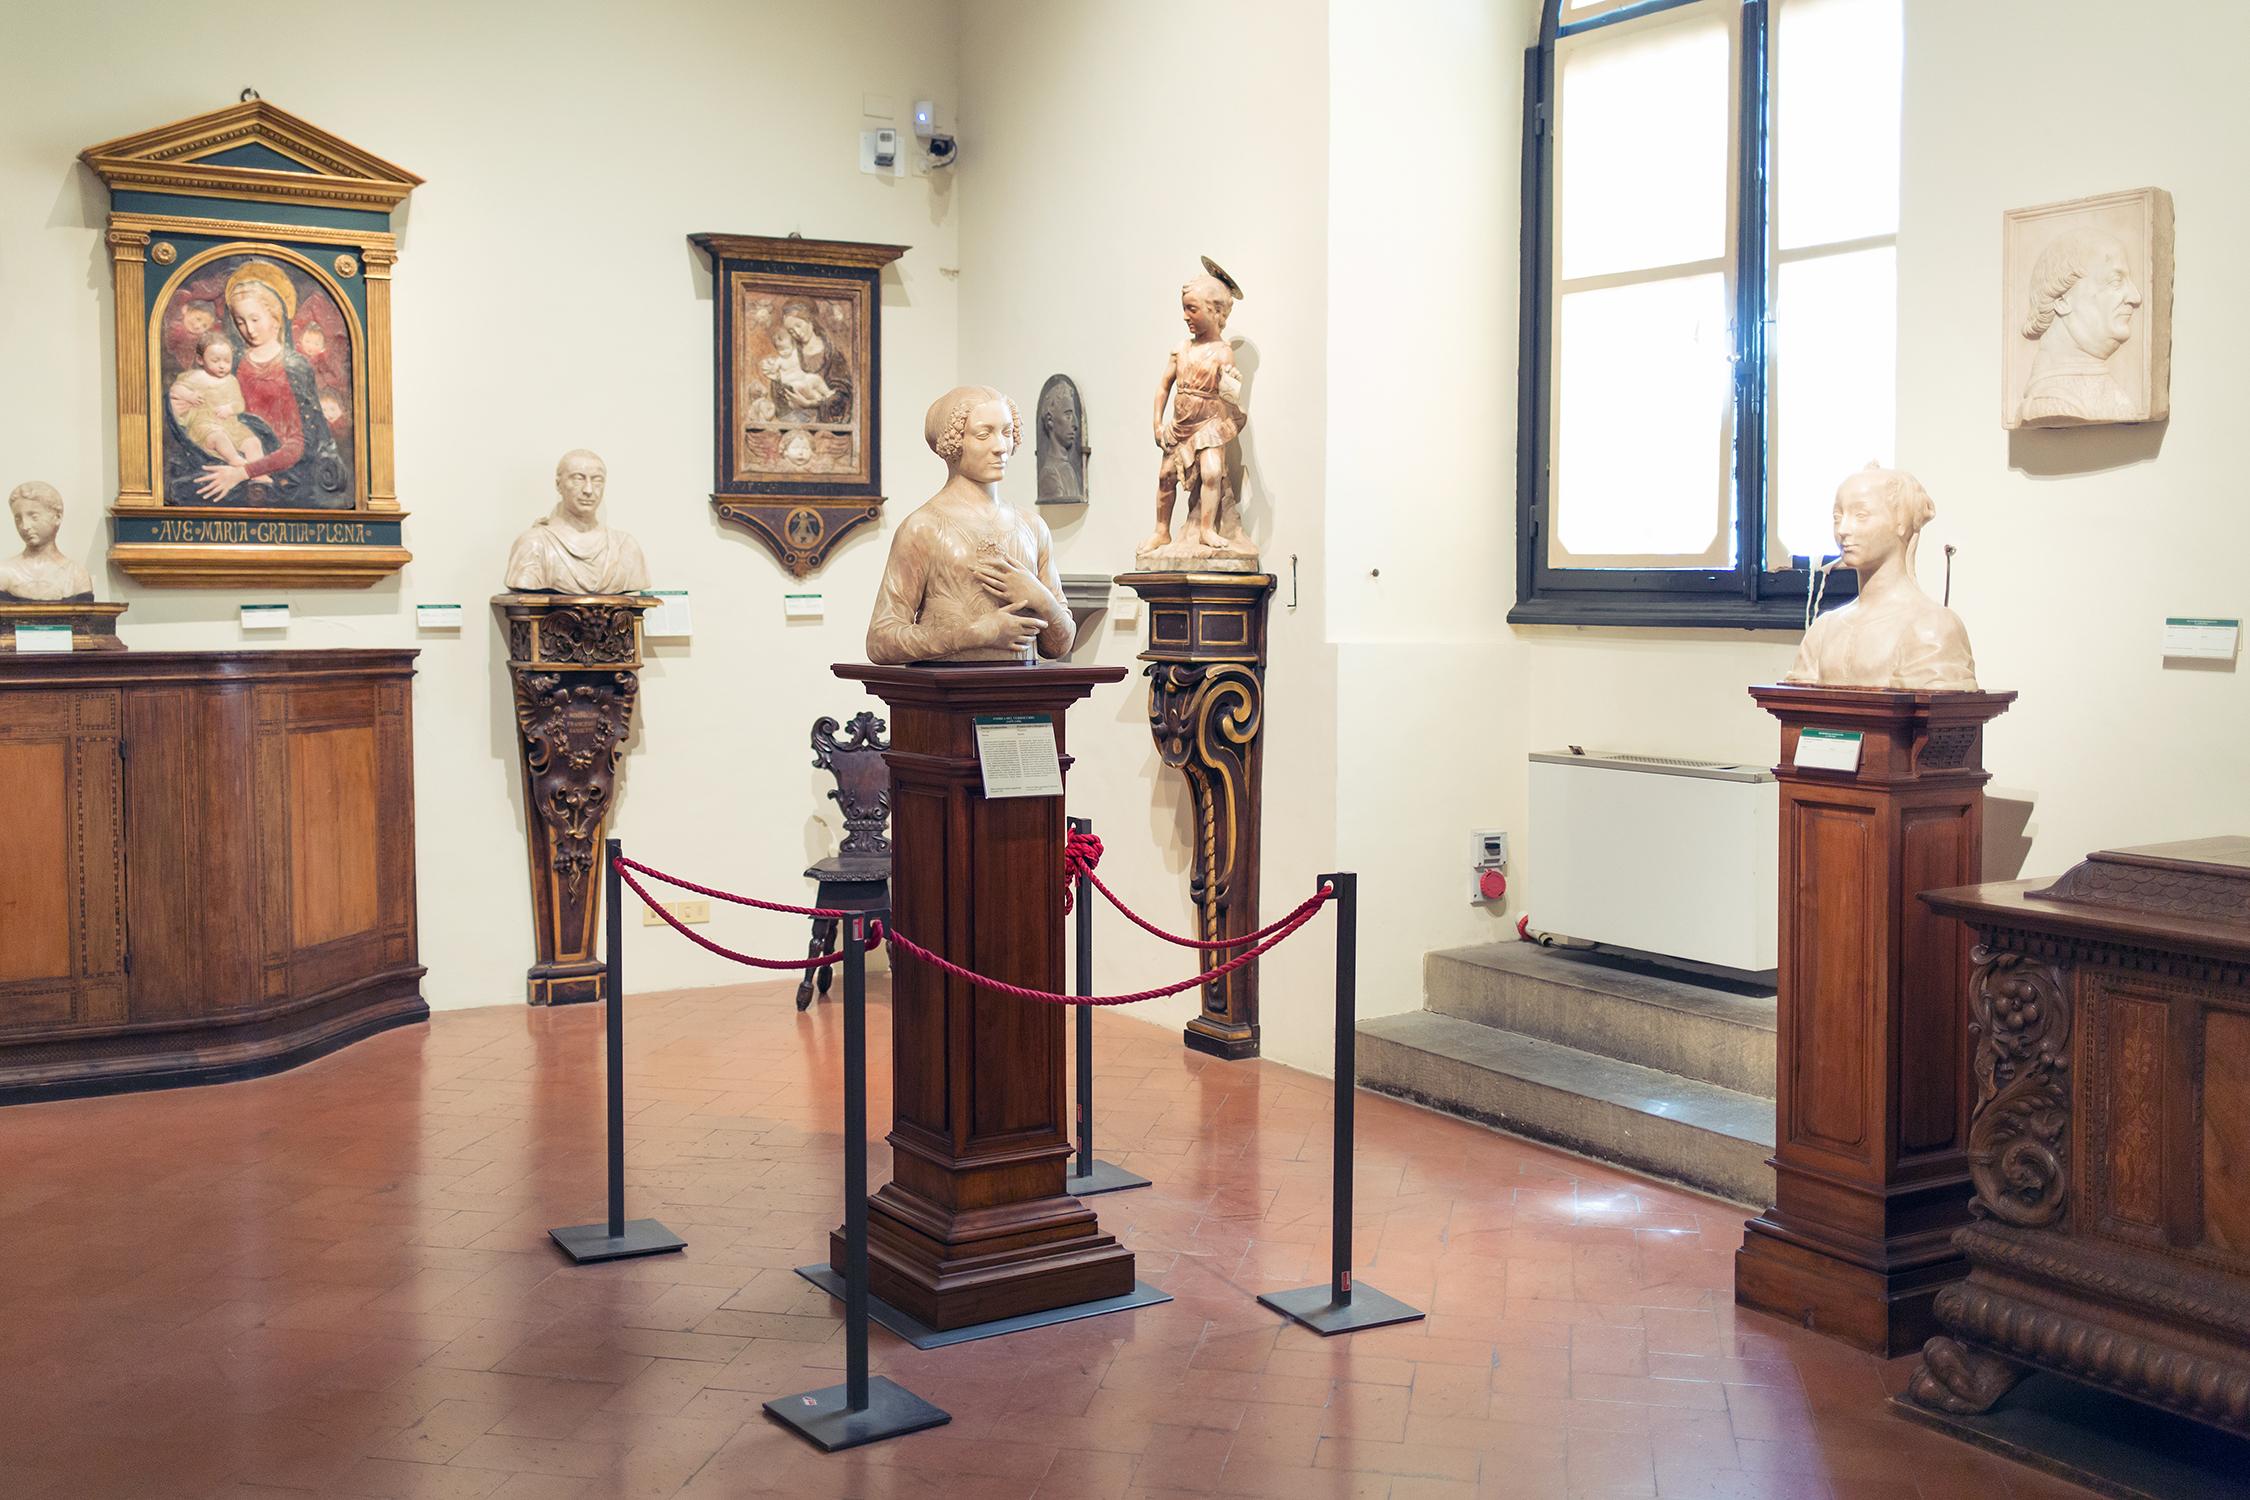 Sala del Verrocchio e della scultura del secondo Quattrocento, Museo nazionale del Bargello, Firenze.